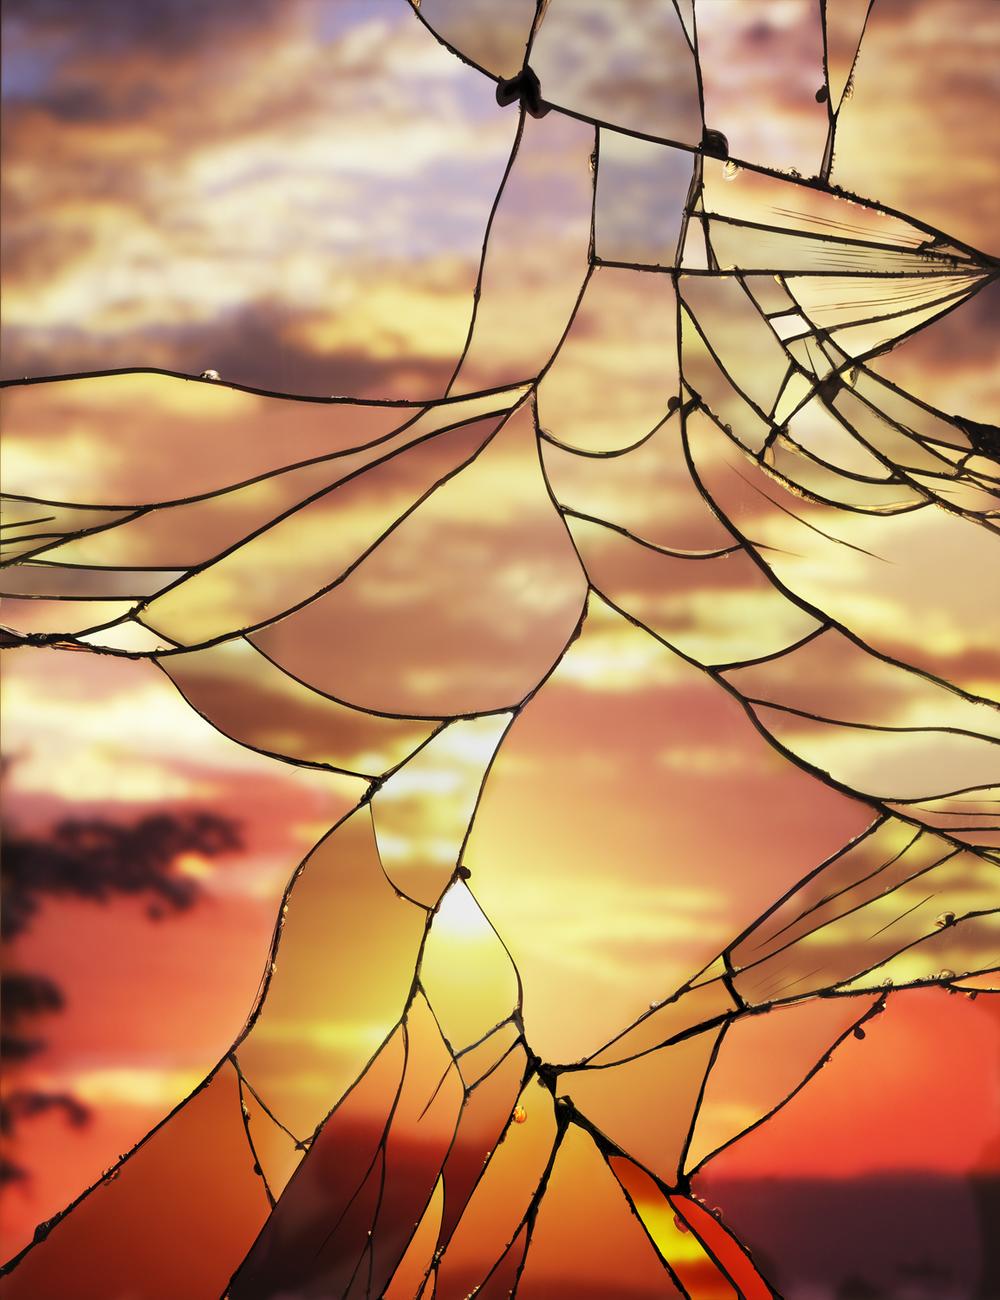 تصوير سماء المساء عبر انعكاس مرآة مكسورة